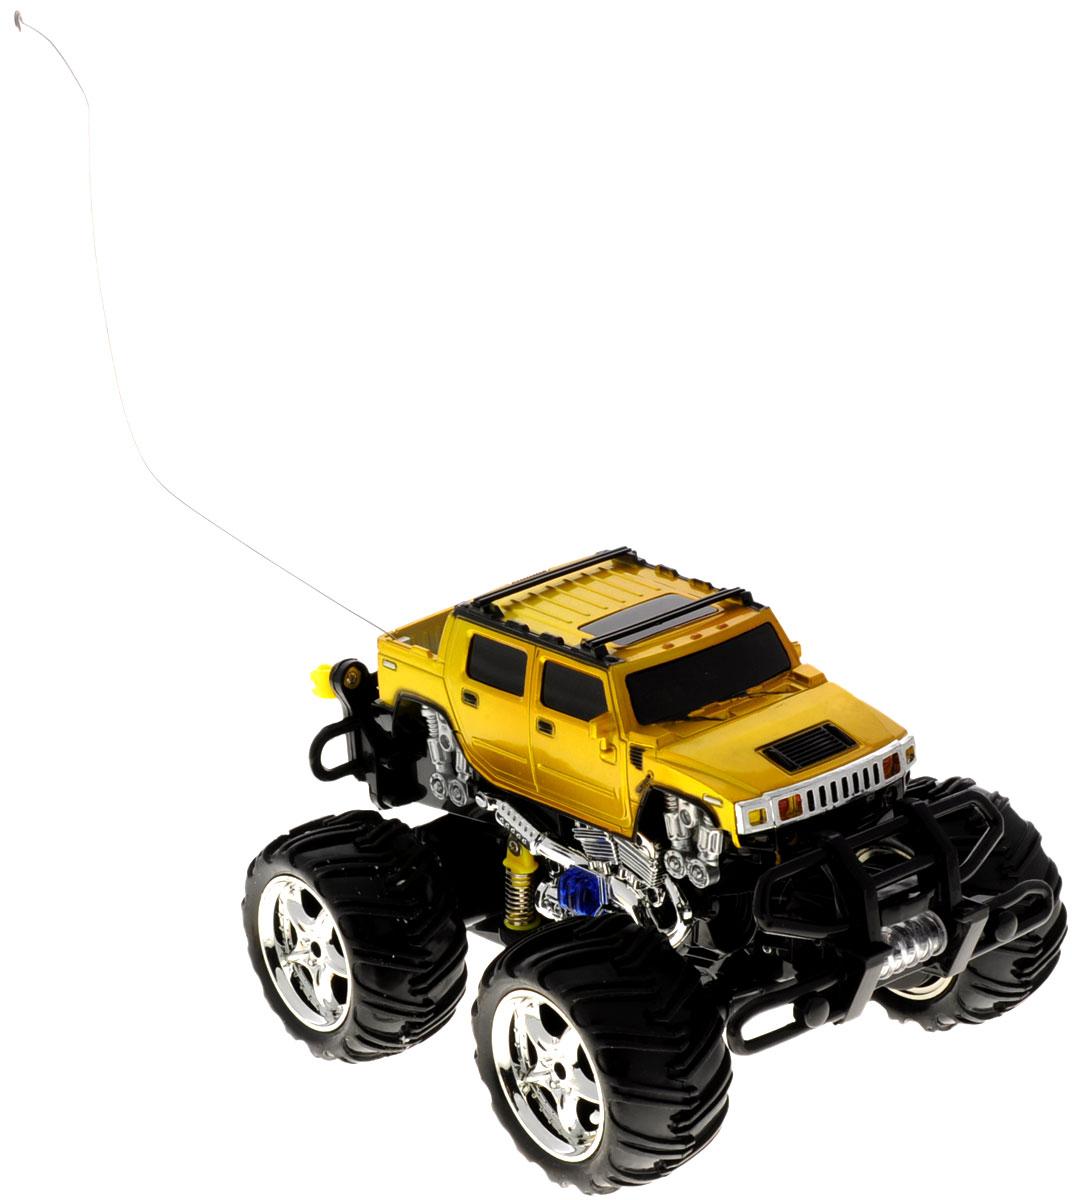 PlaySmart Радиоуправляемая модель Фристайл Dance цвет желтыйР41076Машина на радиоуправлении PlaySmart Фристайл Dance станет отличным подарком для юного любителя автомобильного транспорта. Миниатюрный внедорожник будет изо дня в день радовать ребенка, ведь машина оснащена световыми и звуковыми эффектами, а самое главное, она умеет танцевать! Машинка может подниматься на задние колеса, крутиться волчком и маневрировать на бешеной скорости. 12 функций машинки: вперед, назад, влево, вправо, наклон, вращение, свет колес, цветомузыка, танец, 3 мелодии, сигнал, сирена. Пульт управления работает на частоте 27 MHz. Игрушка работает от сменного аккумулятора (в комплекте). Для работы пульта управления необходима 1 батарейка типа Крона (товар комплектуется демонстрационной).